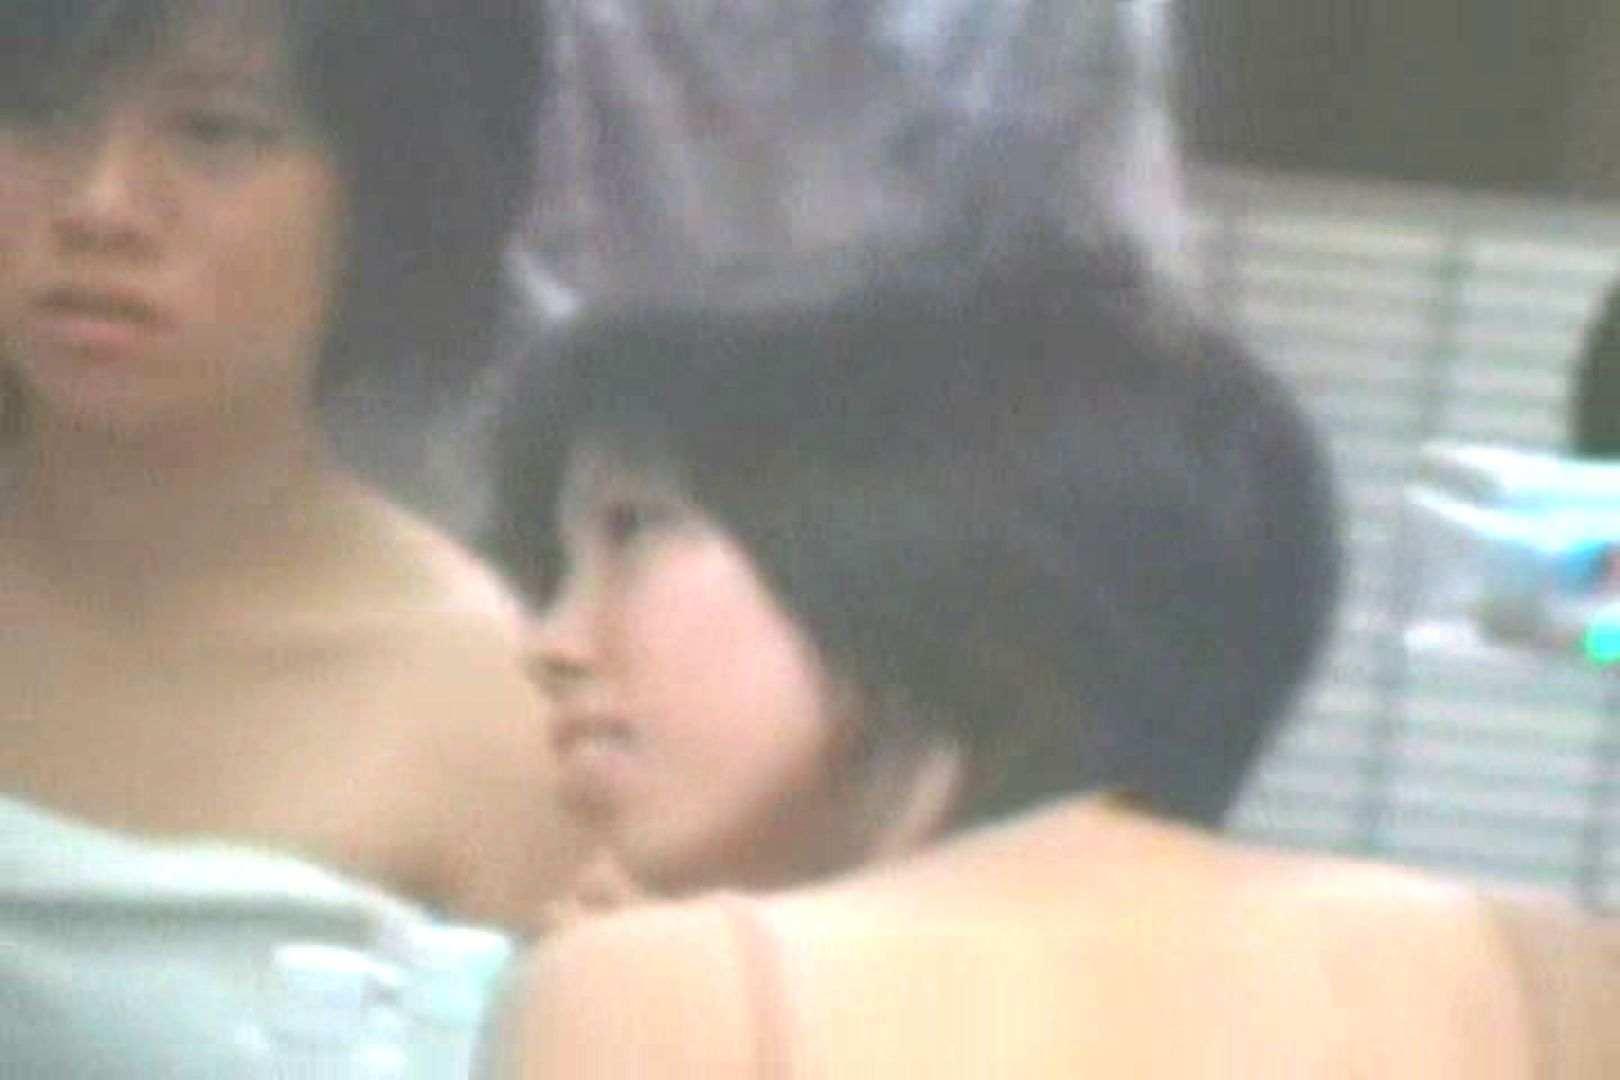 素人投稿シリーズ 盗撮 覗きの穴場 大浴場編 Vol.5 投稿 セックス画像 103画像 88